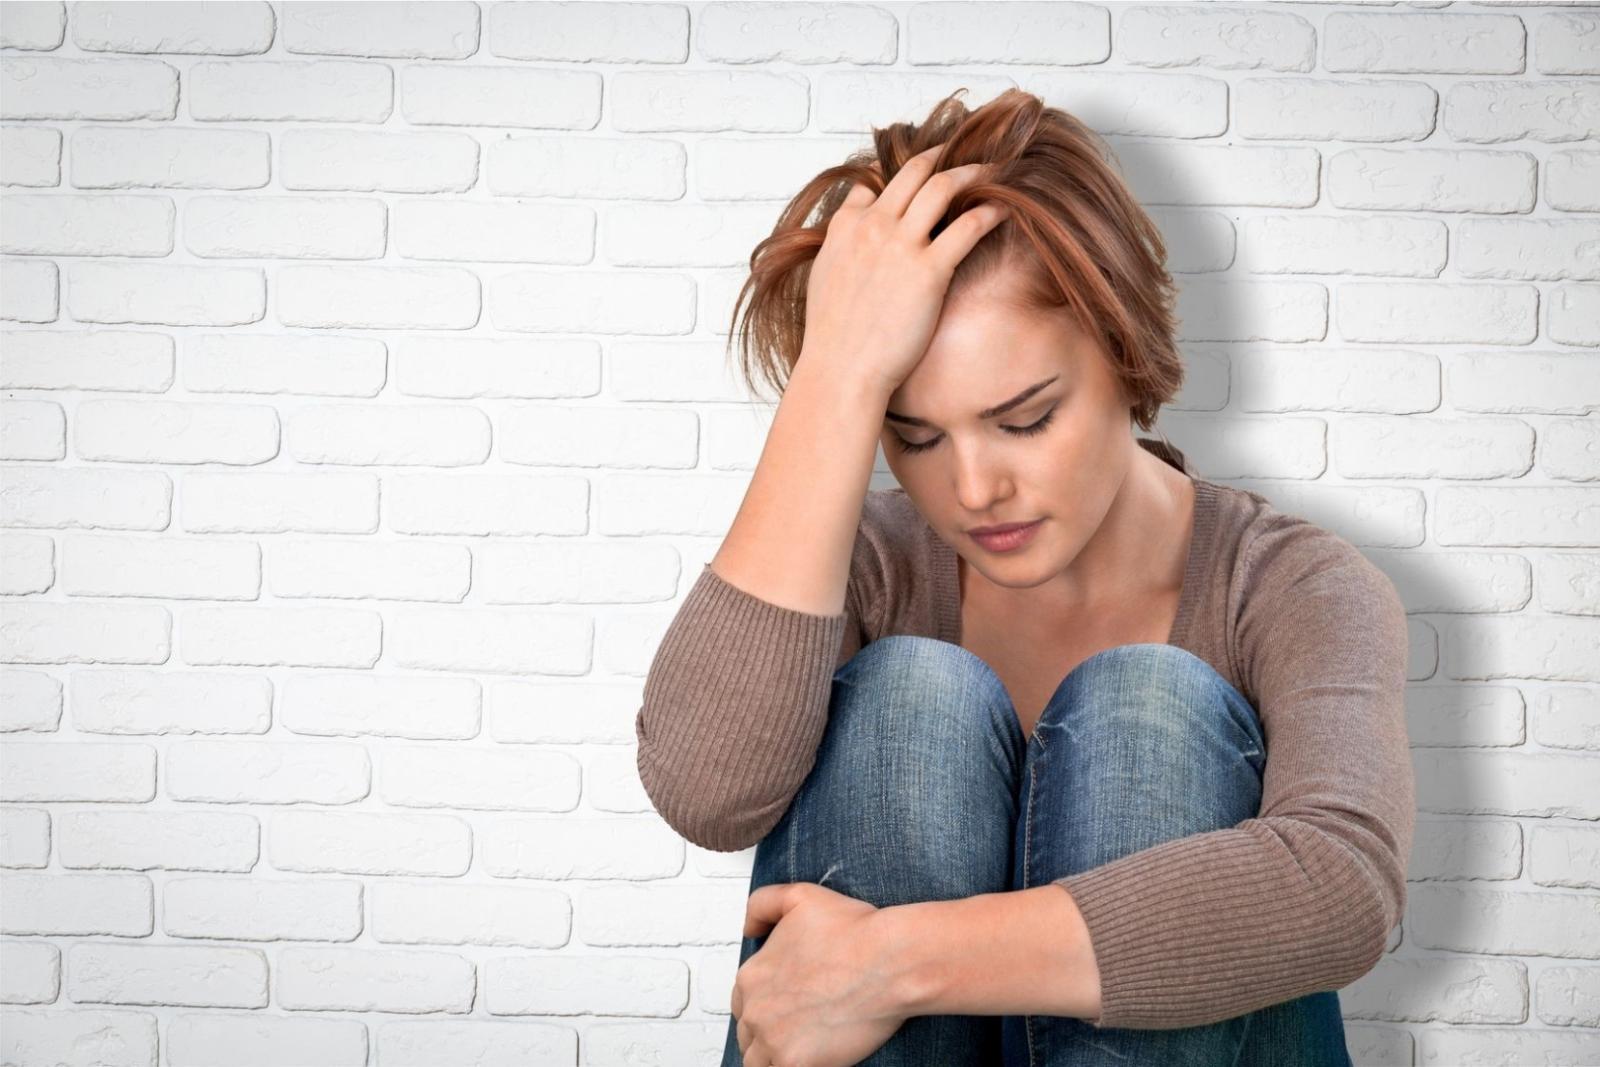 Назван легкий способ избавиться от депрессии